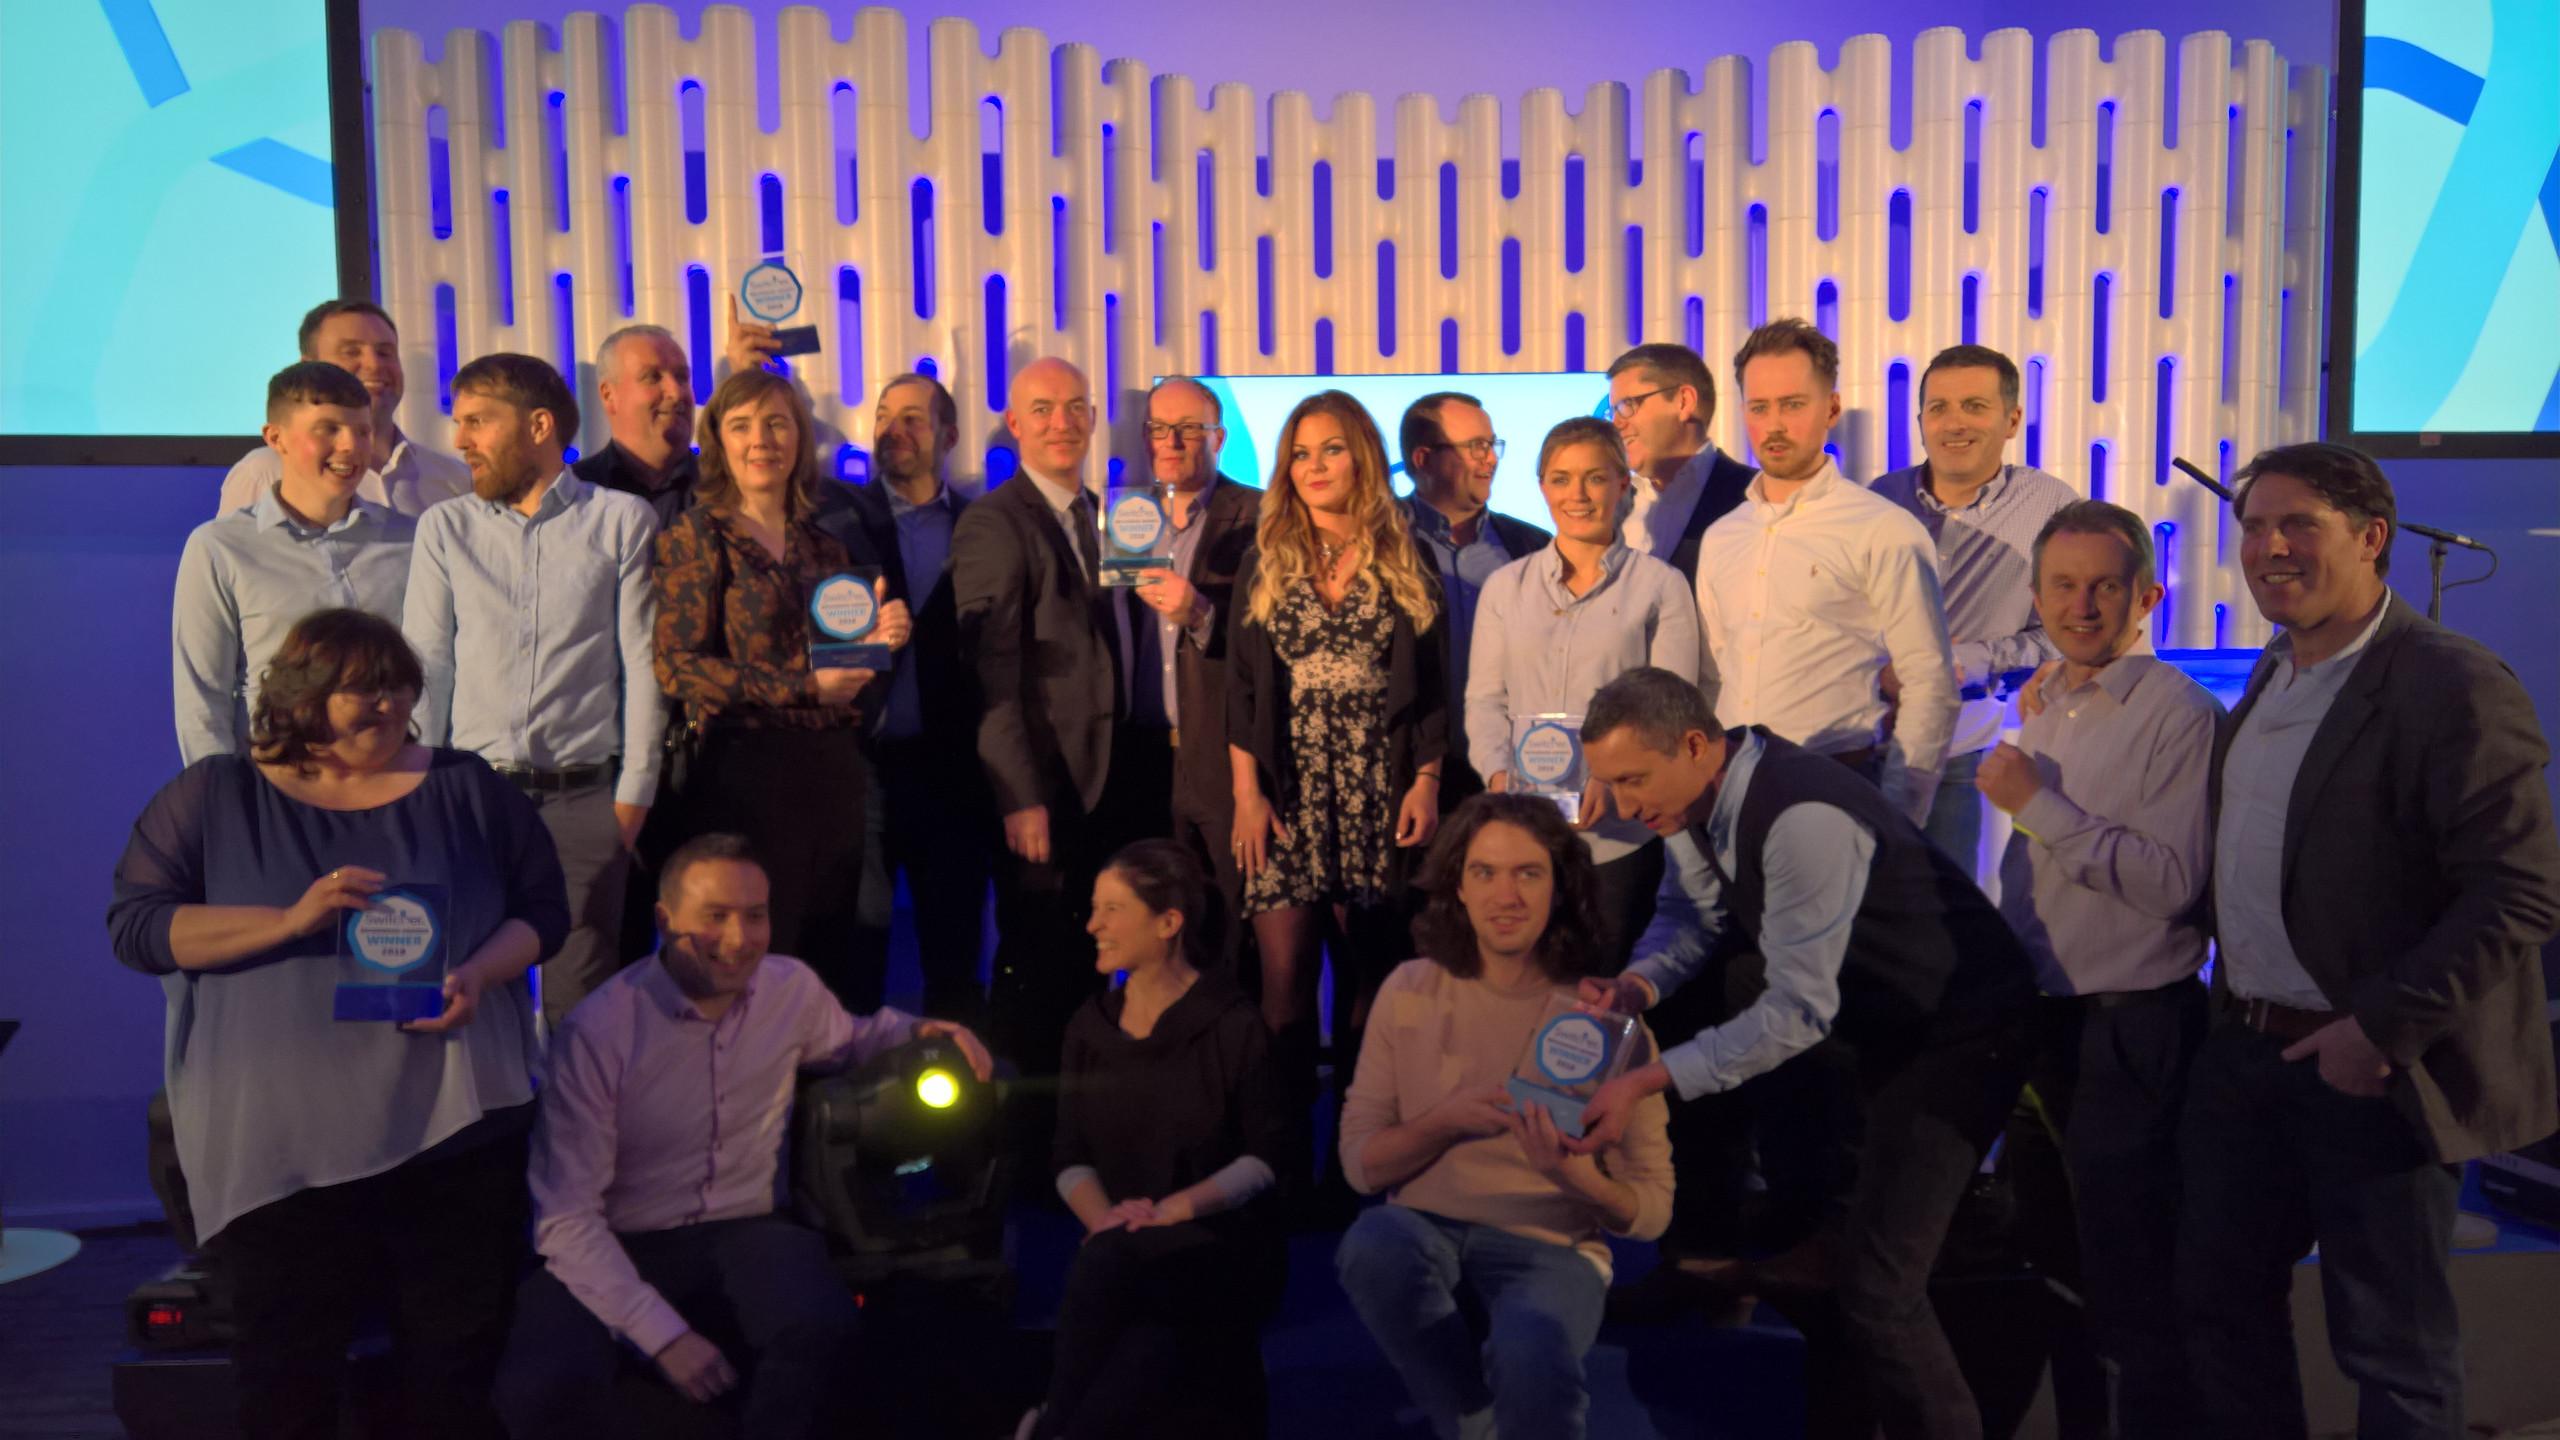 Switcher Awards - Virgin Media